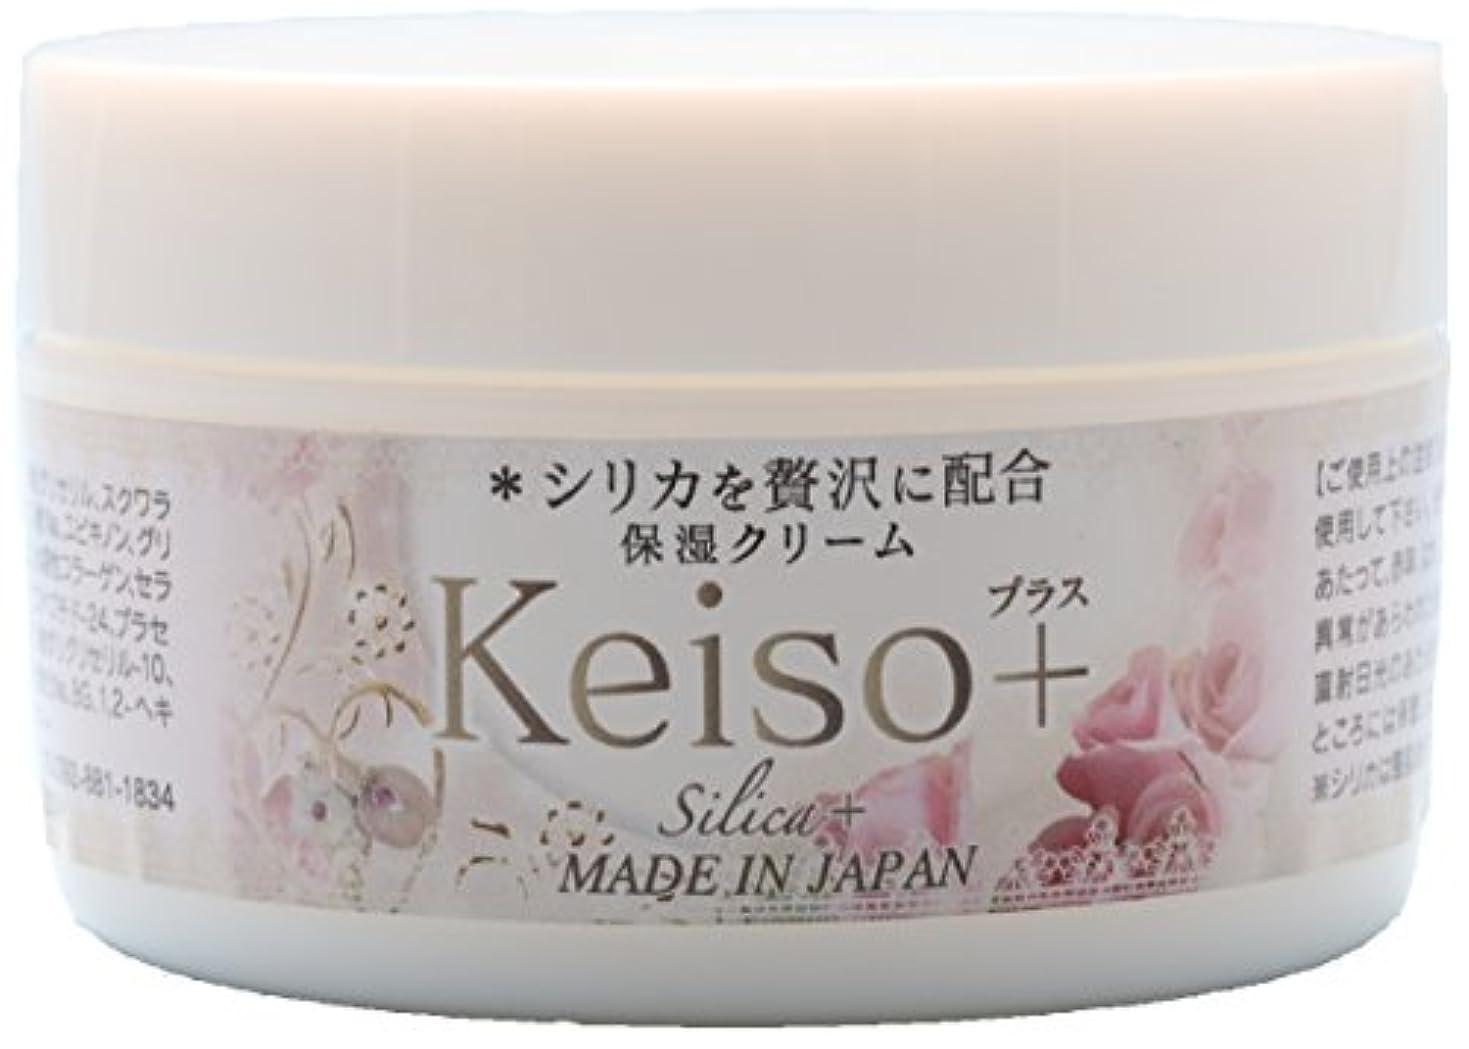 昼間特許テレビを見るKeiso+ 高濃度シリカ(ケイ素) 保湿クリーム 100g Silica Cream